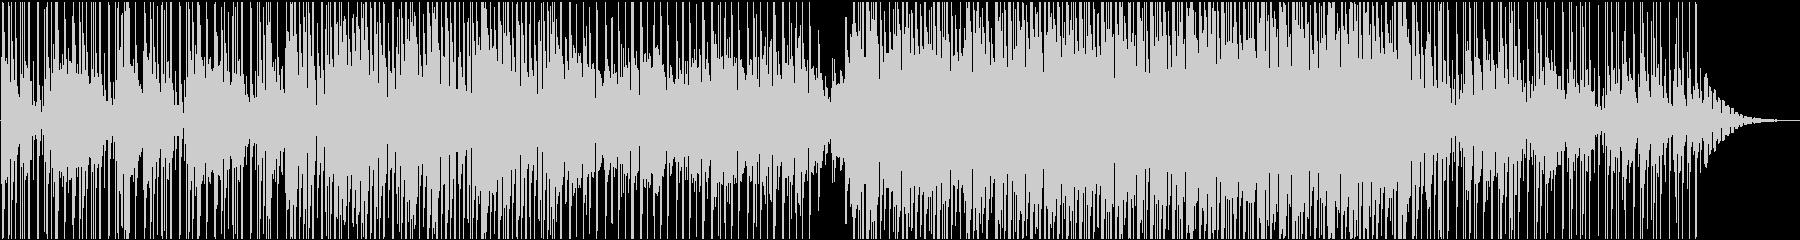 ポップ テクノ エレクトロ 交響曲...の未再生の波形